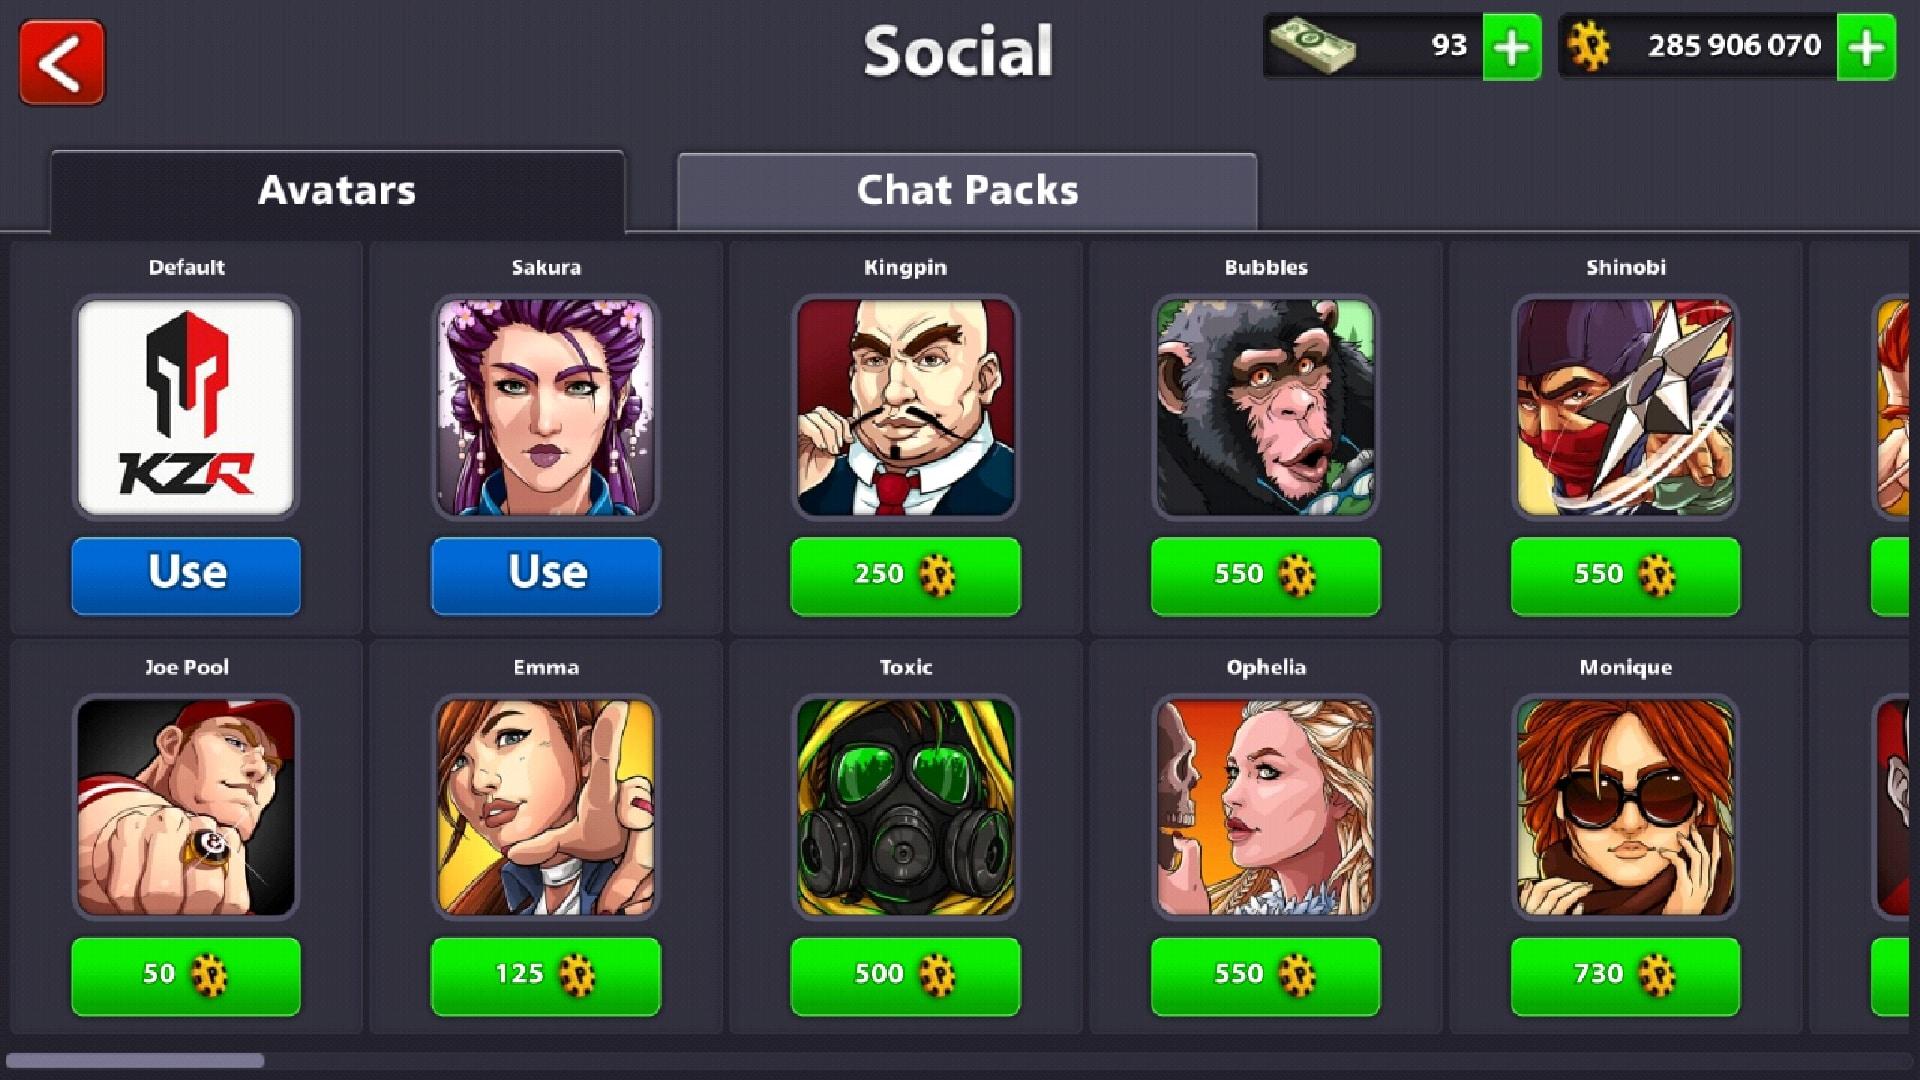 8 ball pool avatars